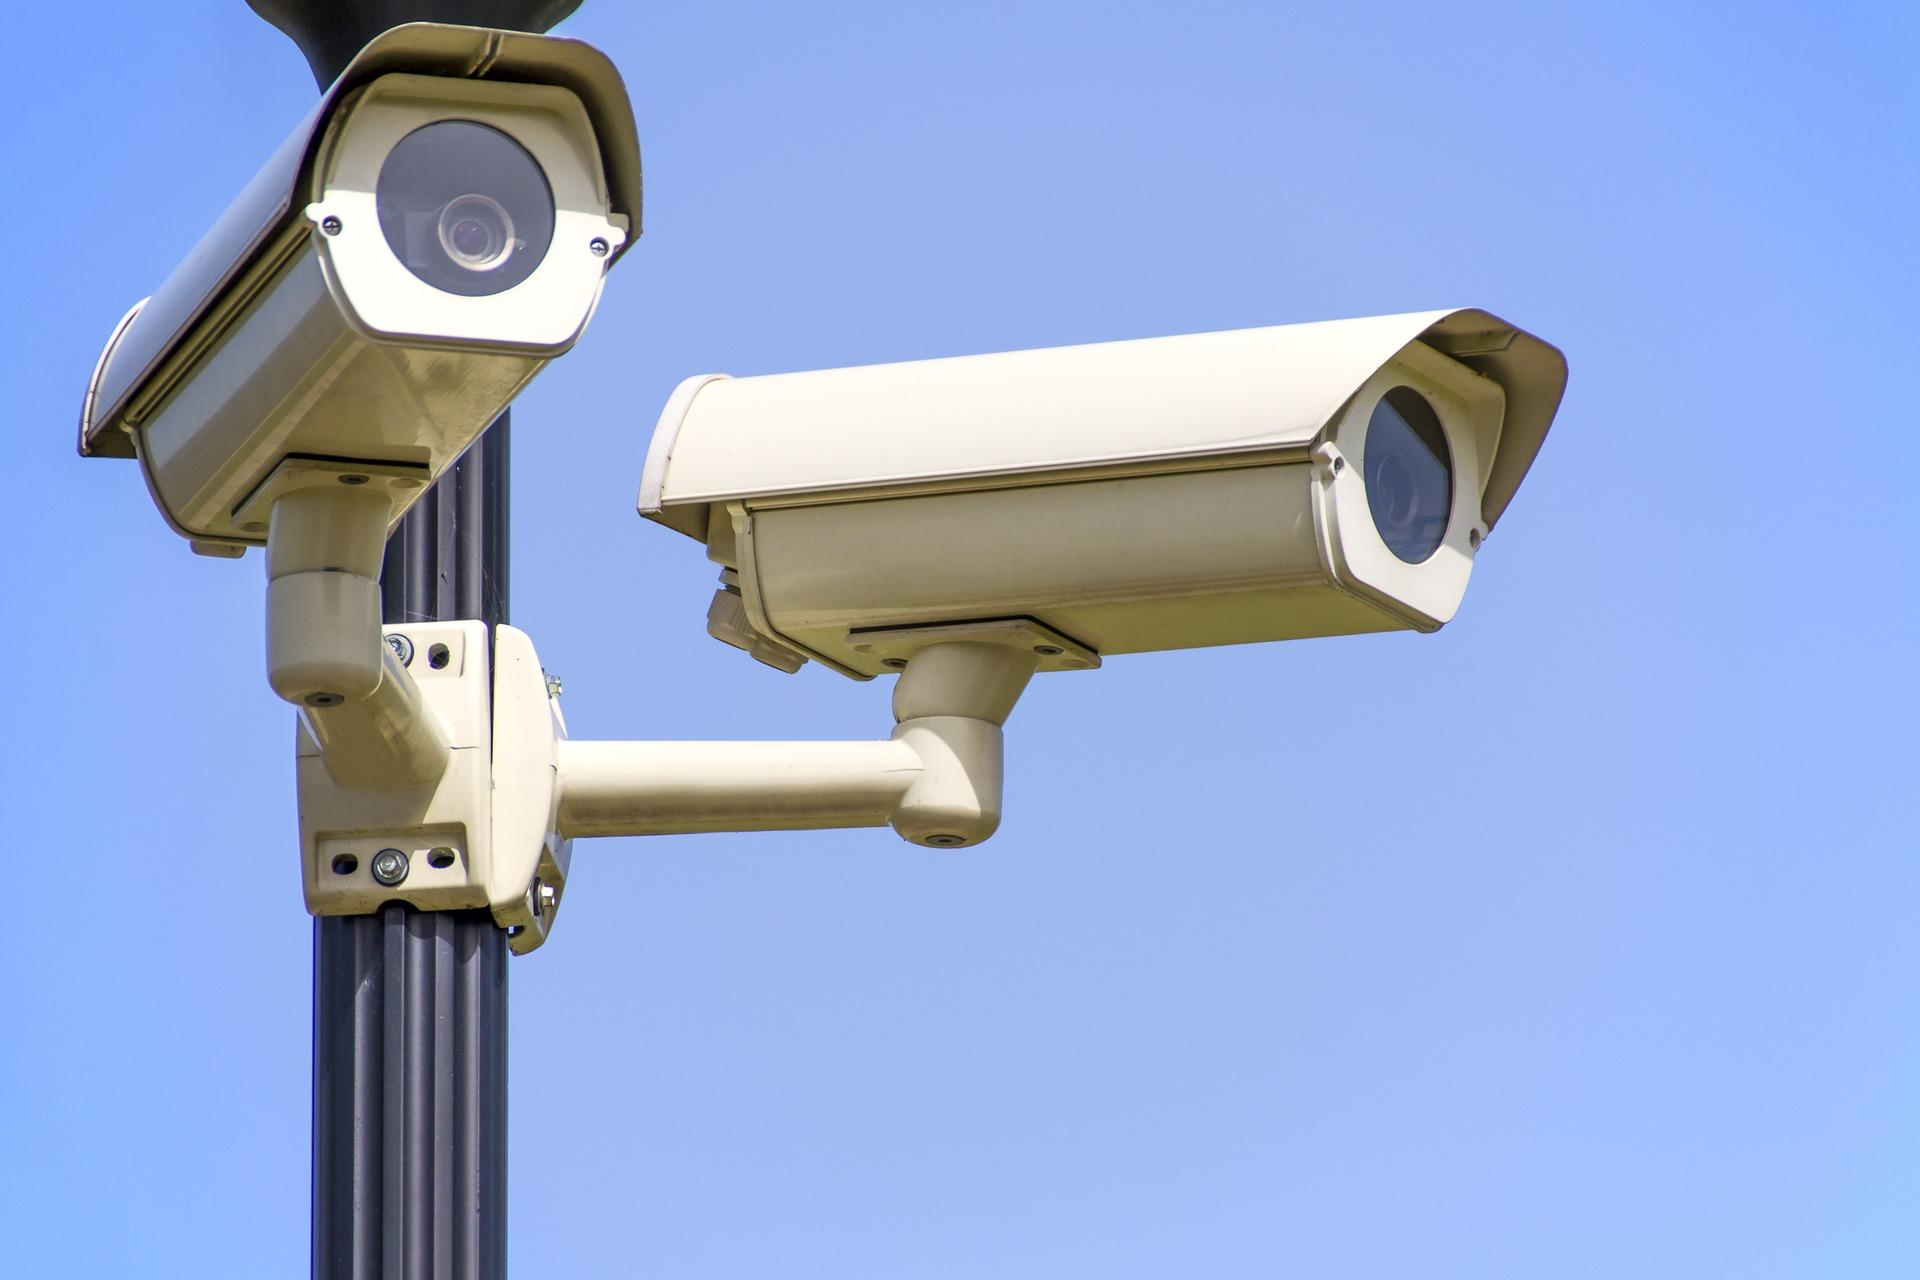 Videoüberwachung: Brauchen wir alle neue Hinweisschilder?